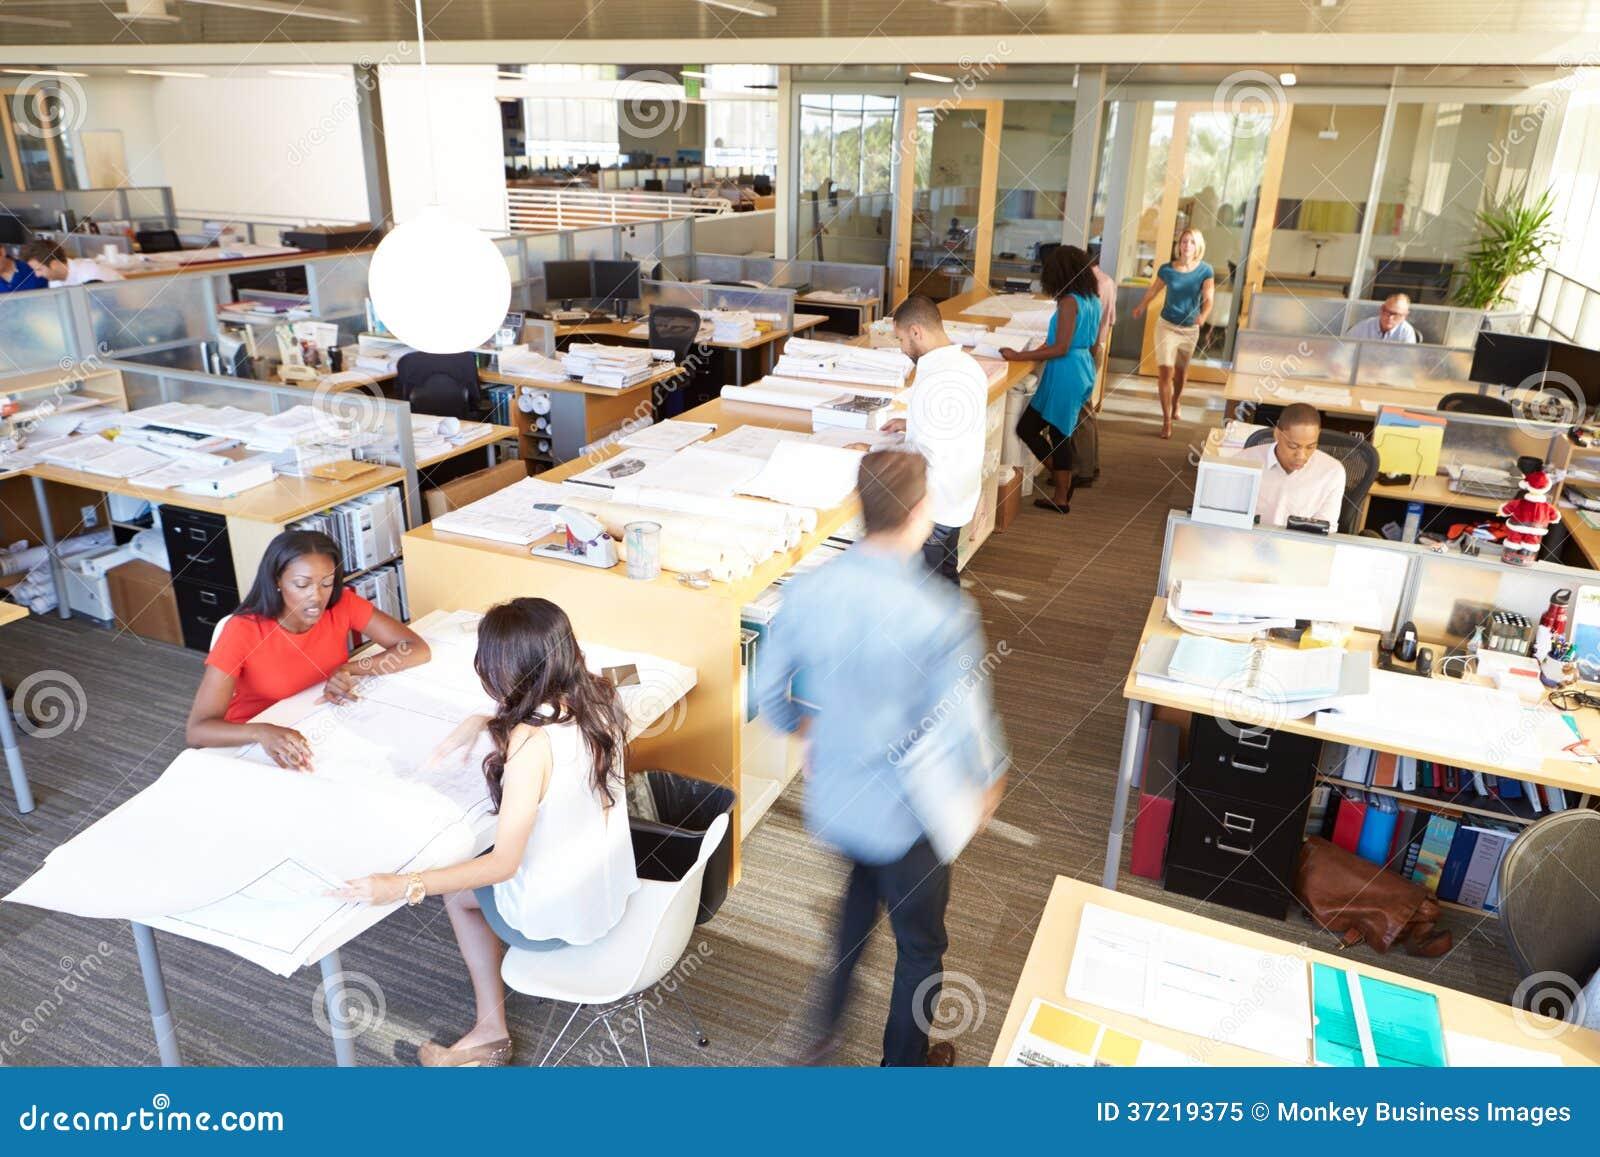 Ufficio In Latino : Interno dell ufficio open space moderno occupato immagine stock